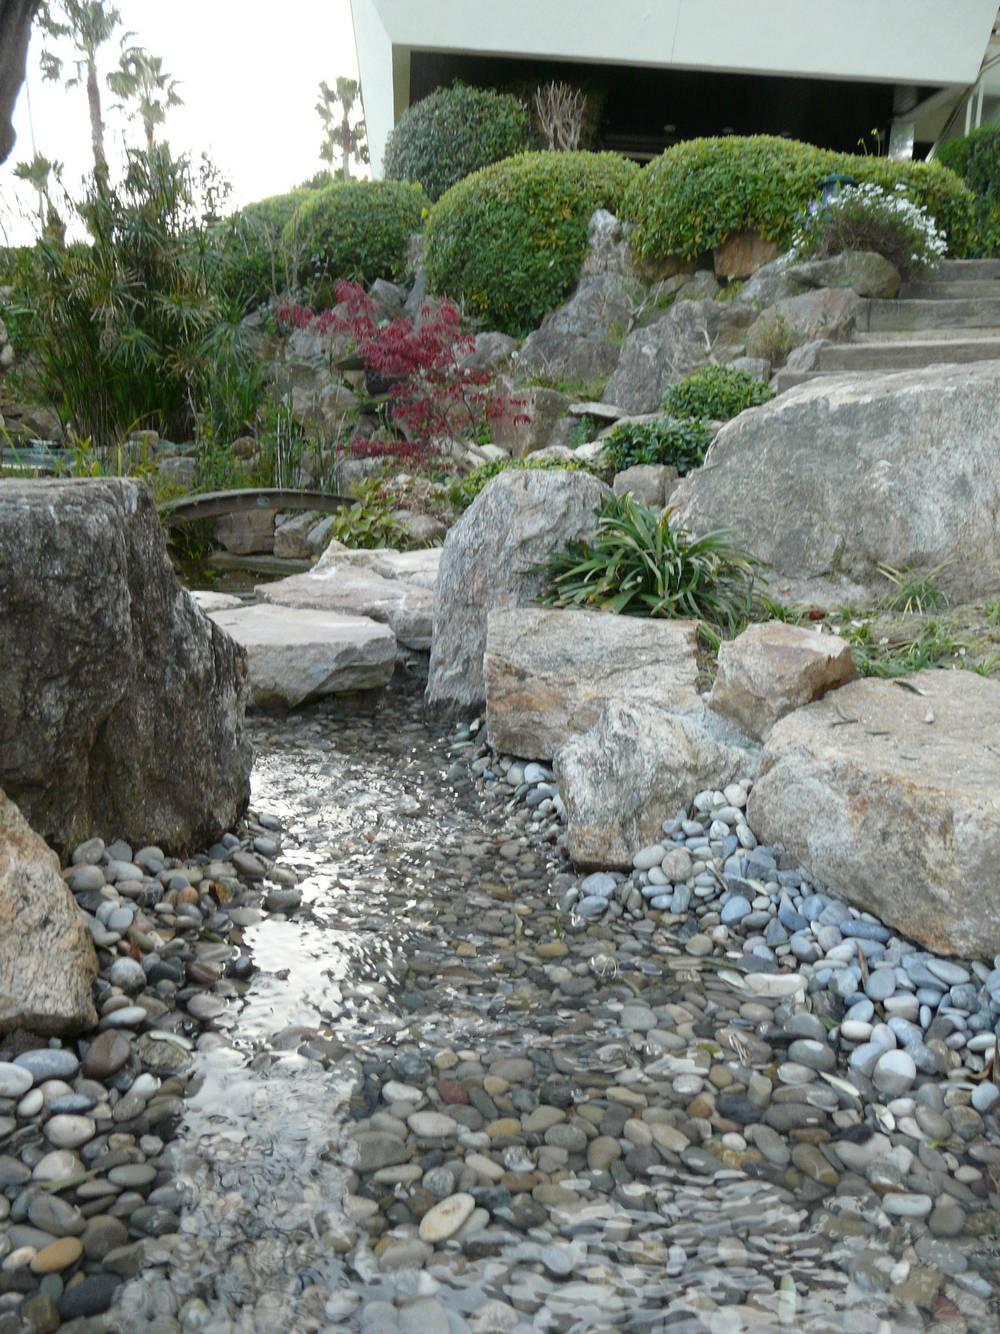 Cr ation de bassin artisan paysagiste cannes bocca jardins for Creation bassin de jardin